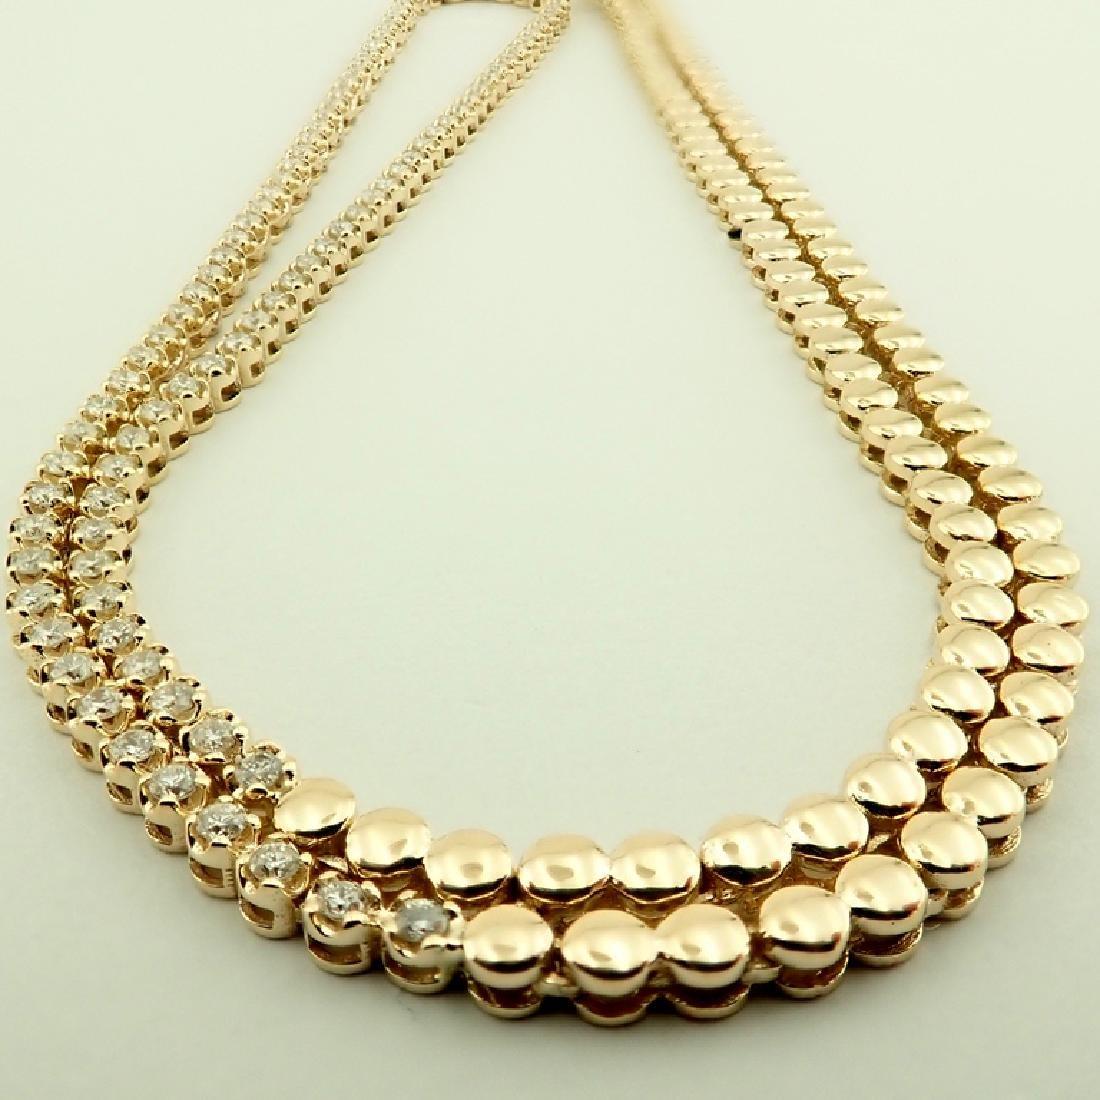 14K 1,20 ct Diamond Tennis Necklace - 3